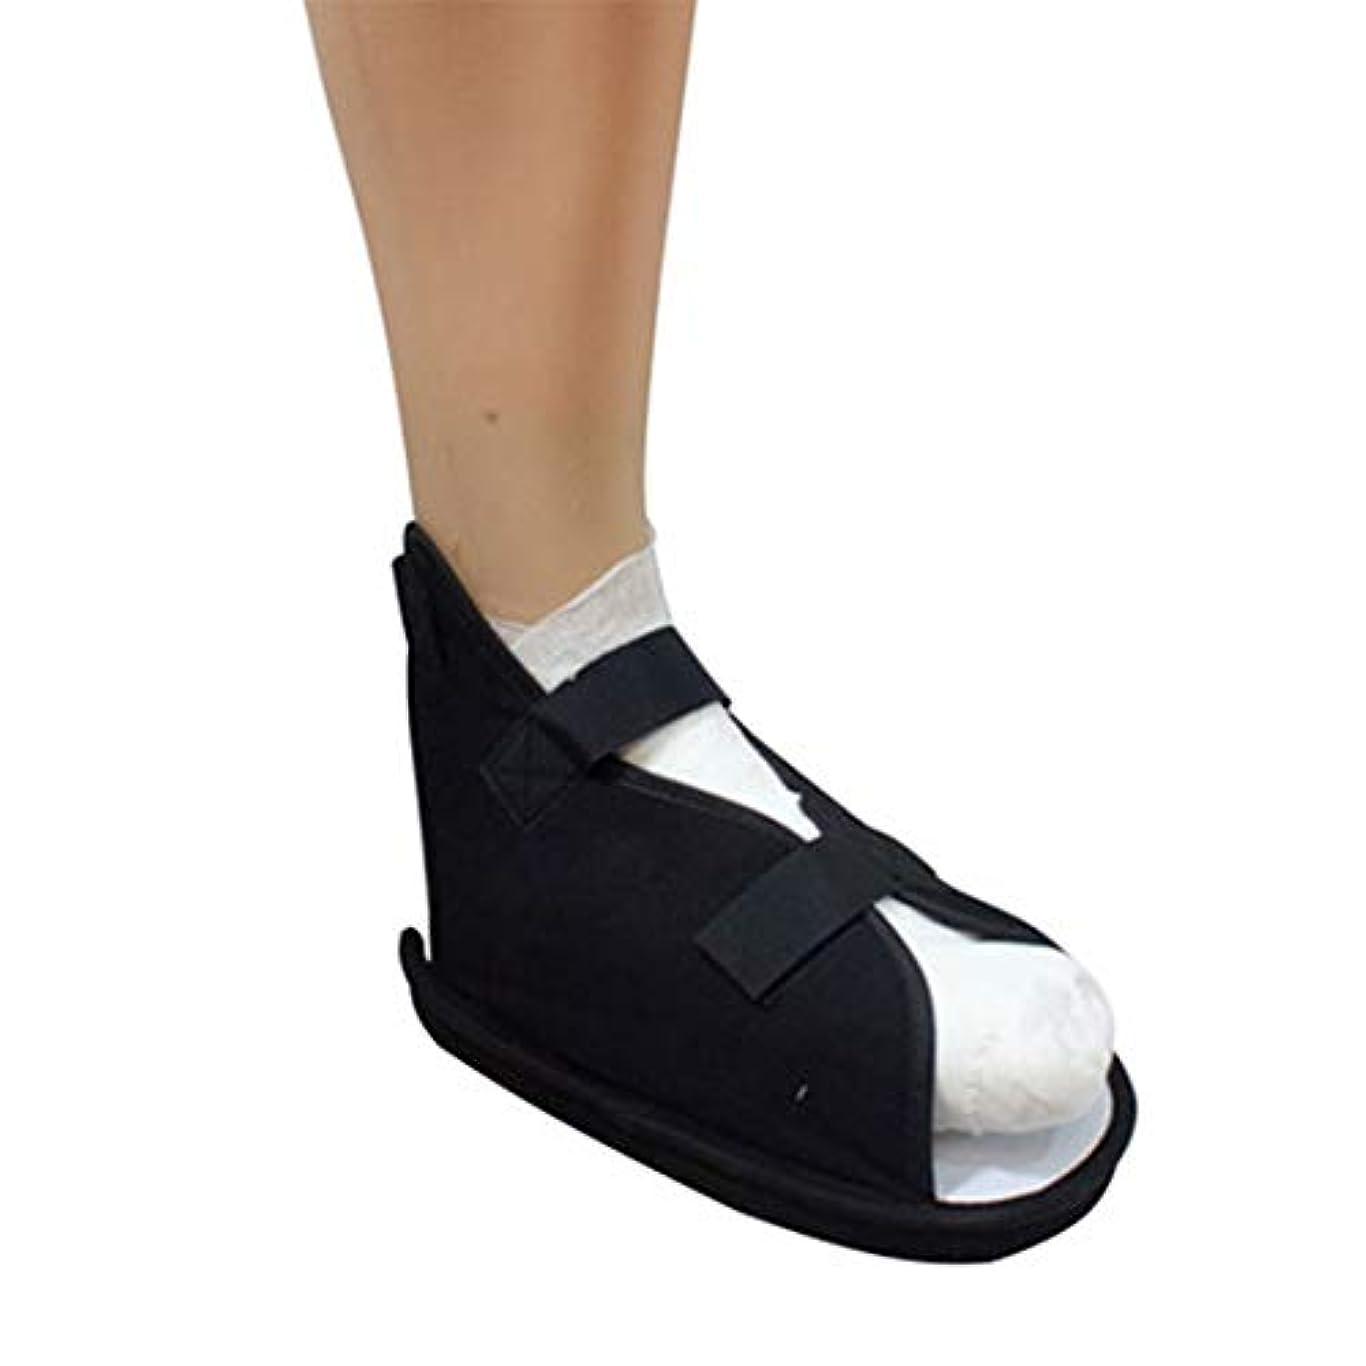 ヒステリック伝染病ノート医療足骨折石膏の回復靴の手術後のつま先の靴を安定化骨折の靴を調整可能なファスナーで完全なカバー,L30cm